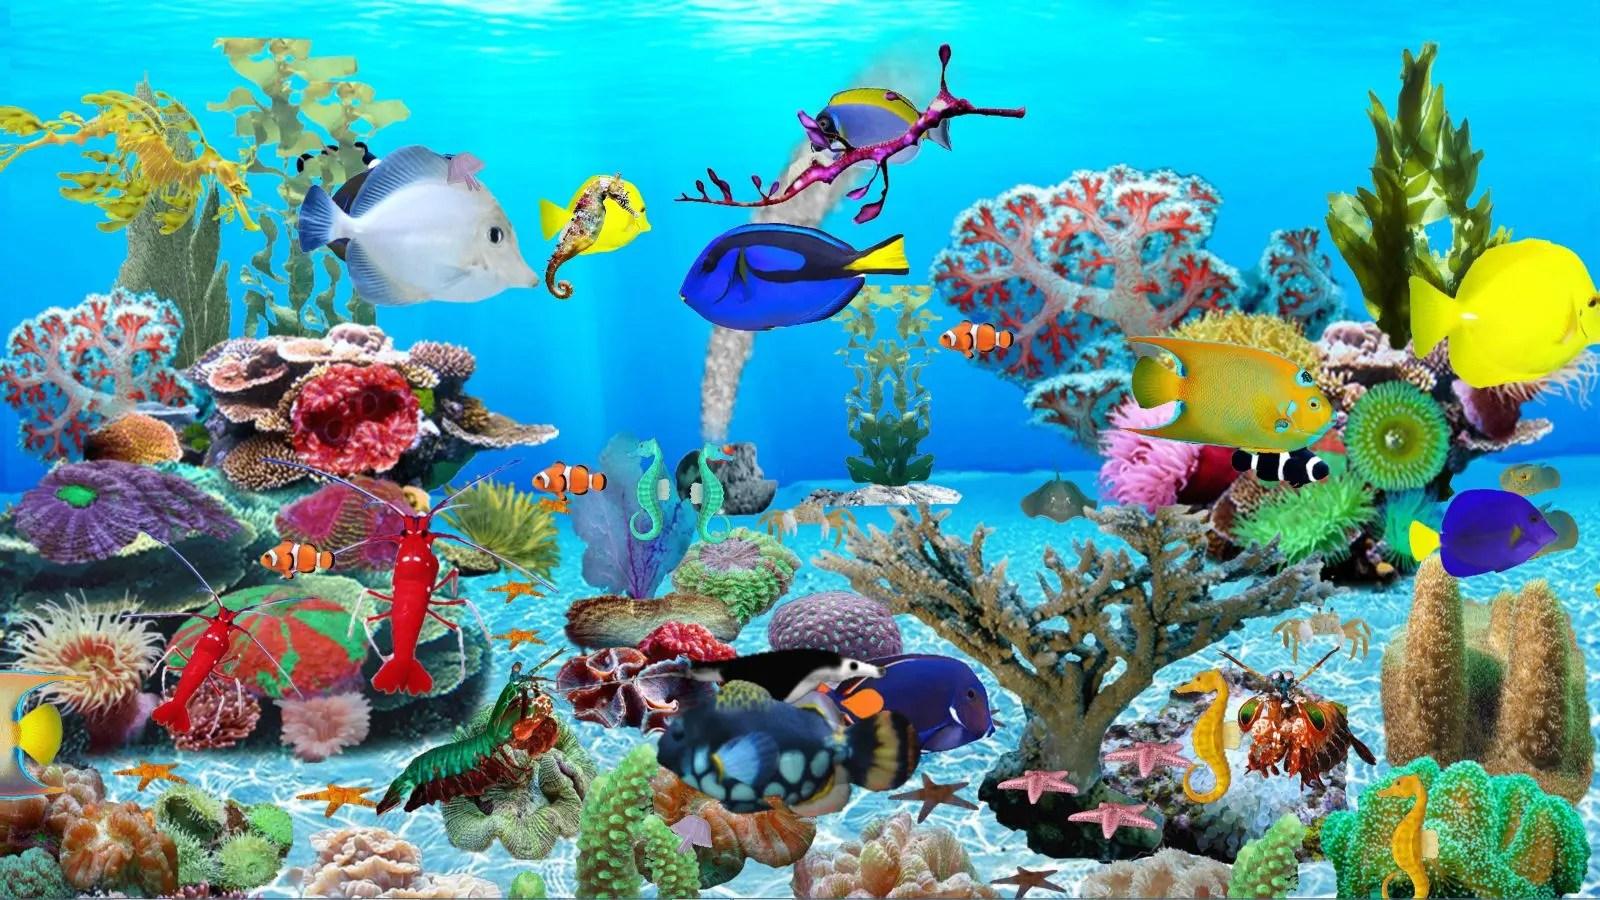 Animated Aquarium Wallpaper For Windows 8 Blue Ocean Aquarium Download